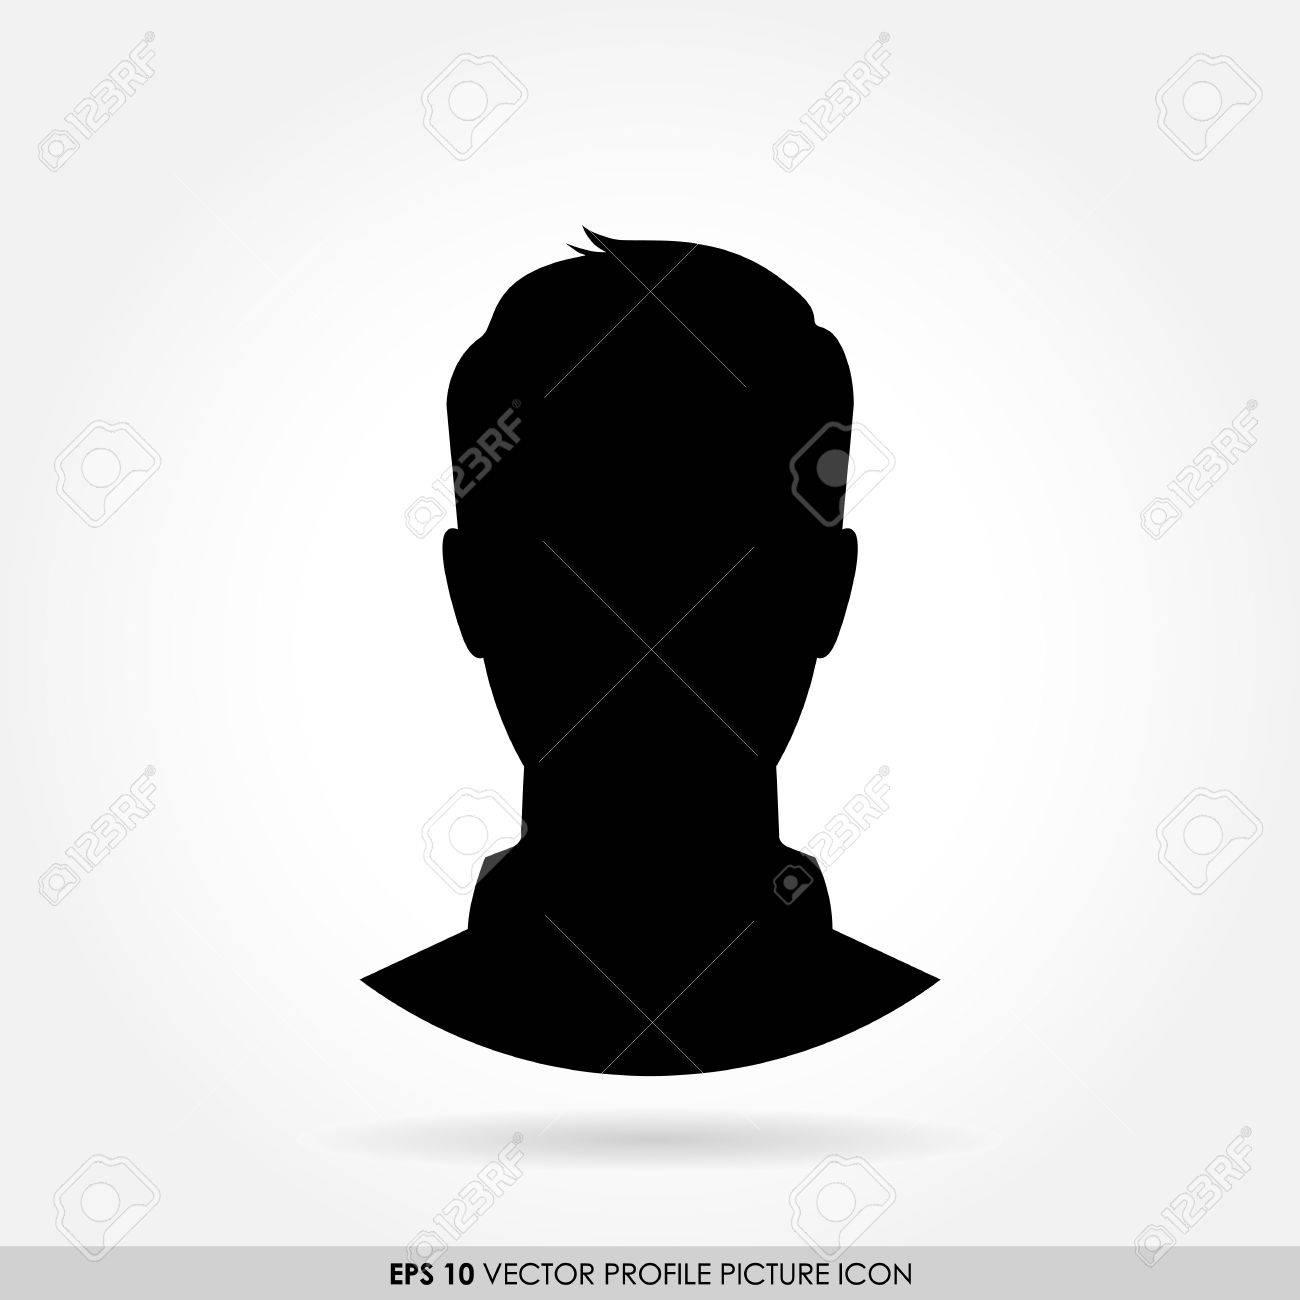 male silhouette portrait icon